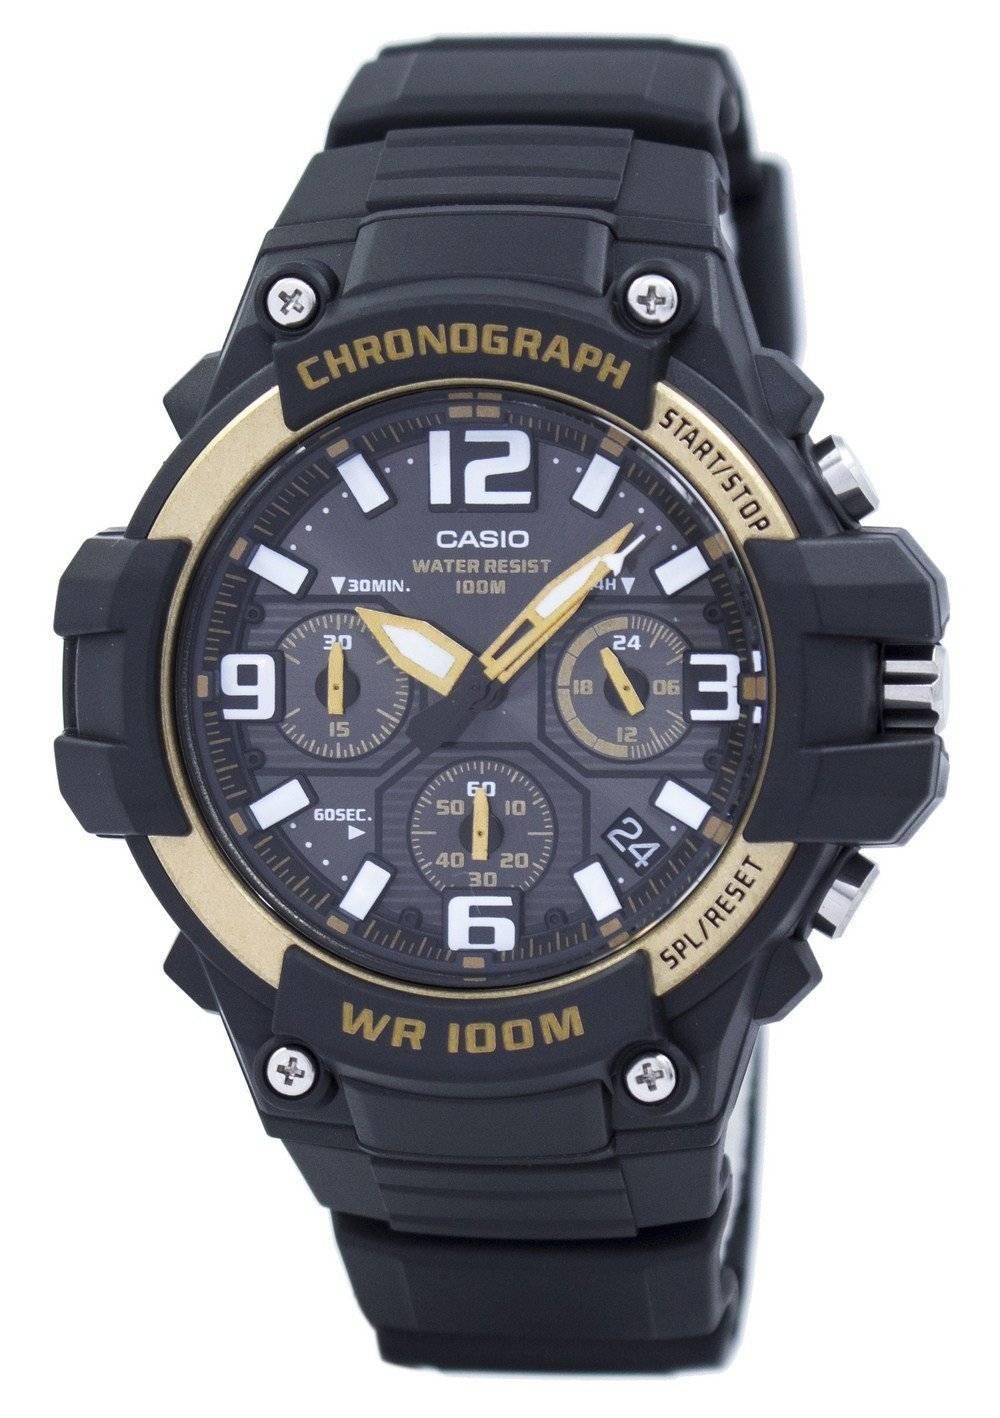 f0902a50b6 カシオ クロノグラフ アナログ MCW 100 H 9A2VDF MCW100H 9A2VDF メンズ腕時計 ja